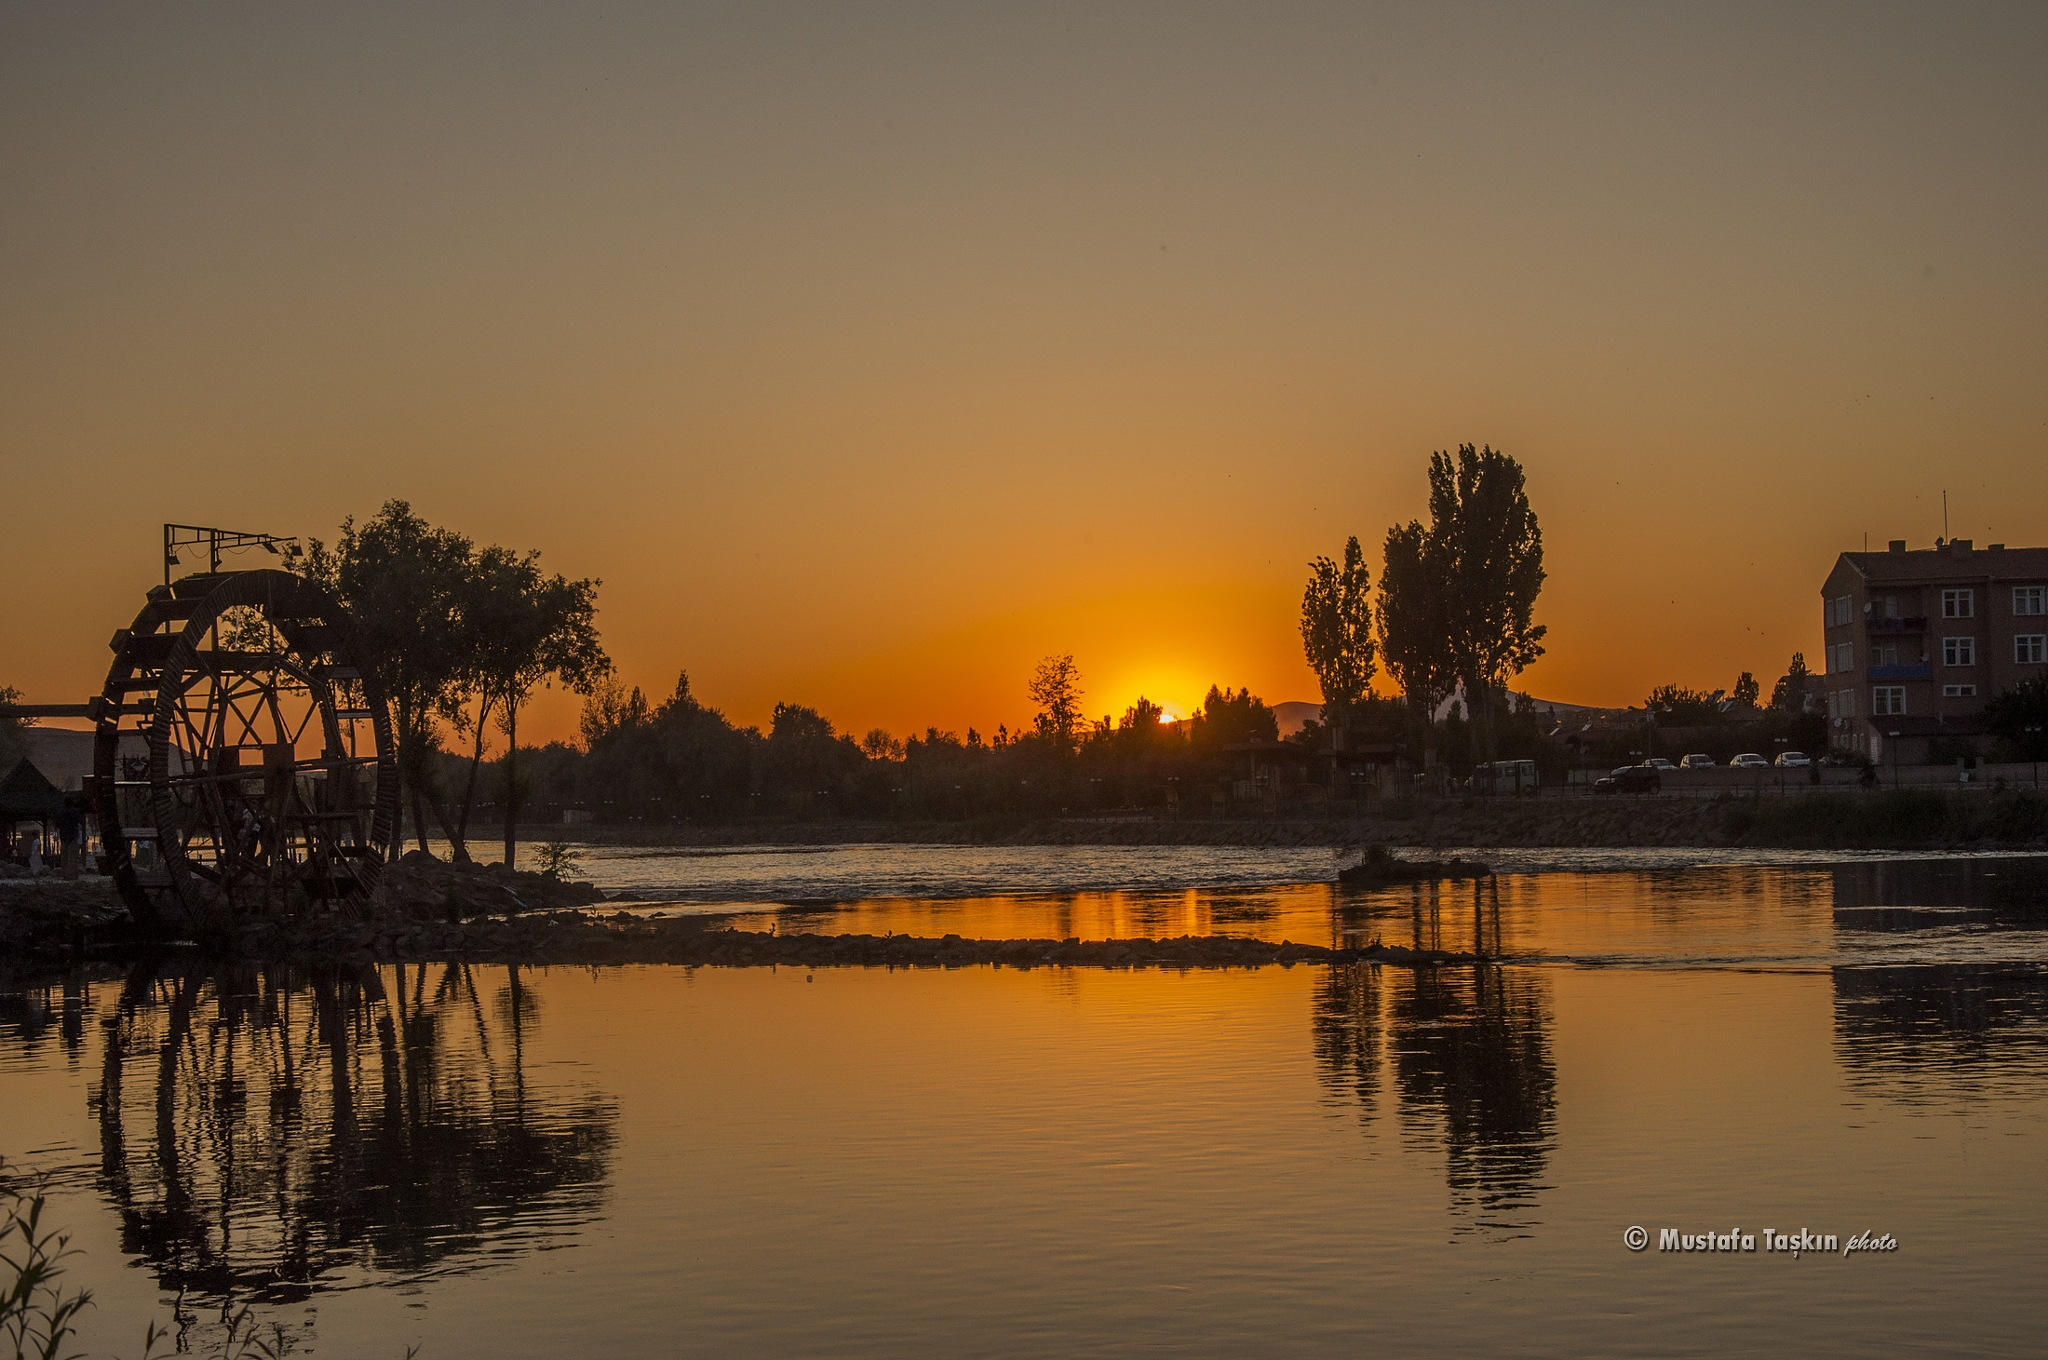 Kızılırmak' ta Gün Batımı /Sunset on River by mustafataskin